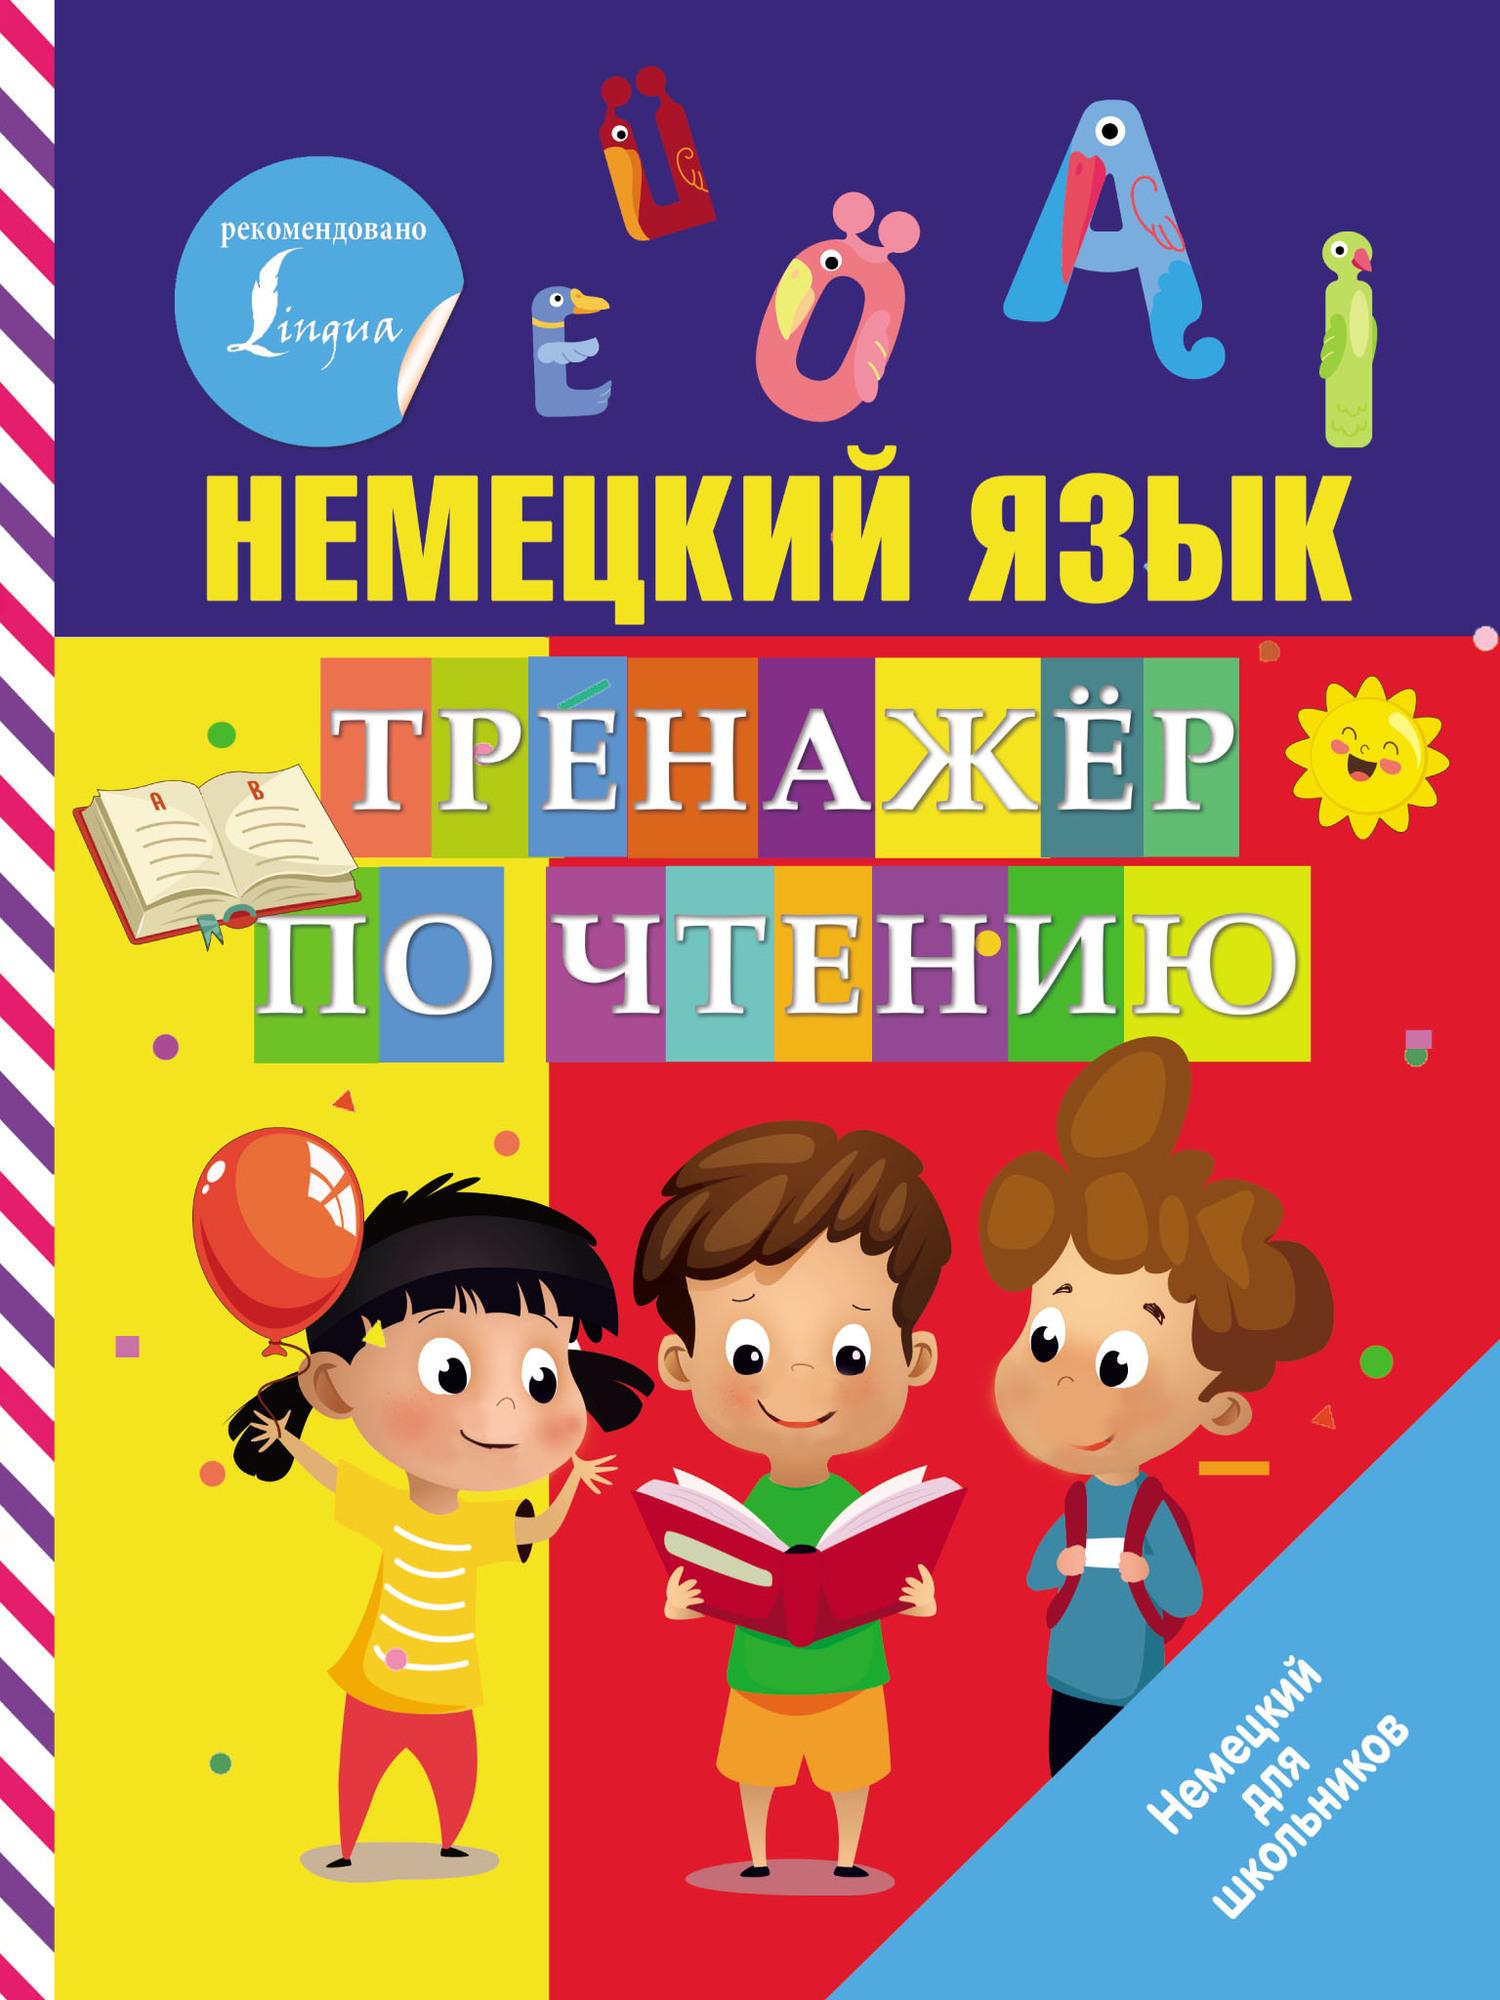 Купить книгу Немецкий язык. Тренажер по чтению, автора С. А. Матвеева